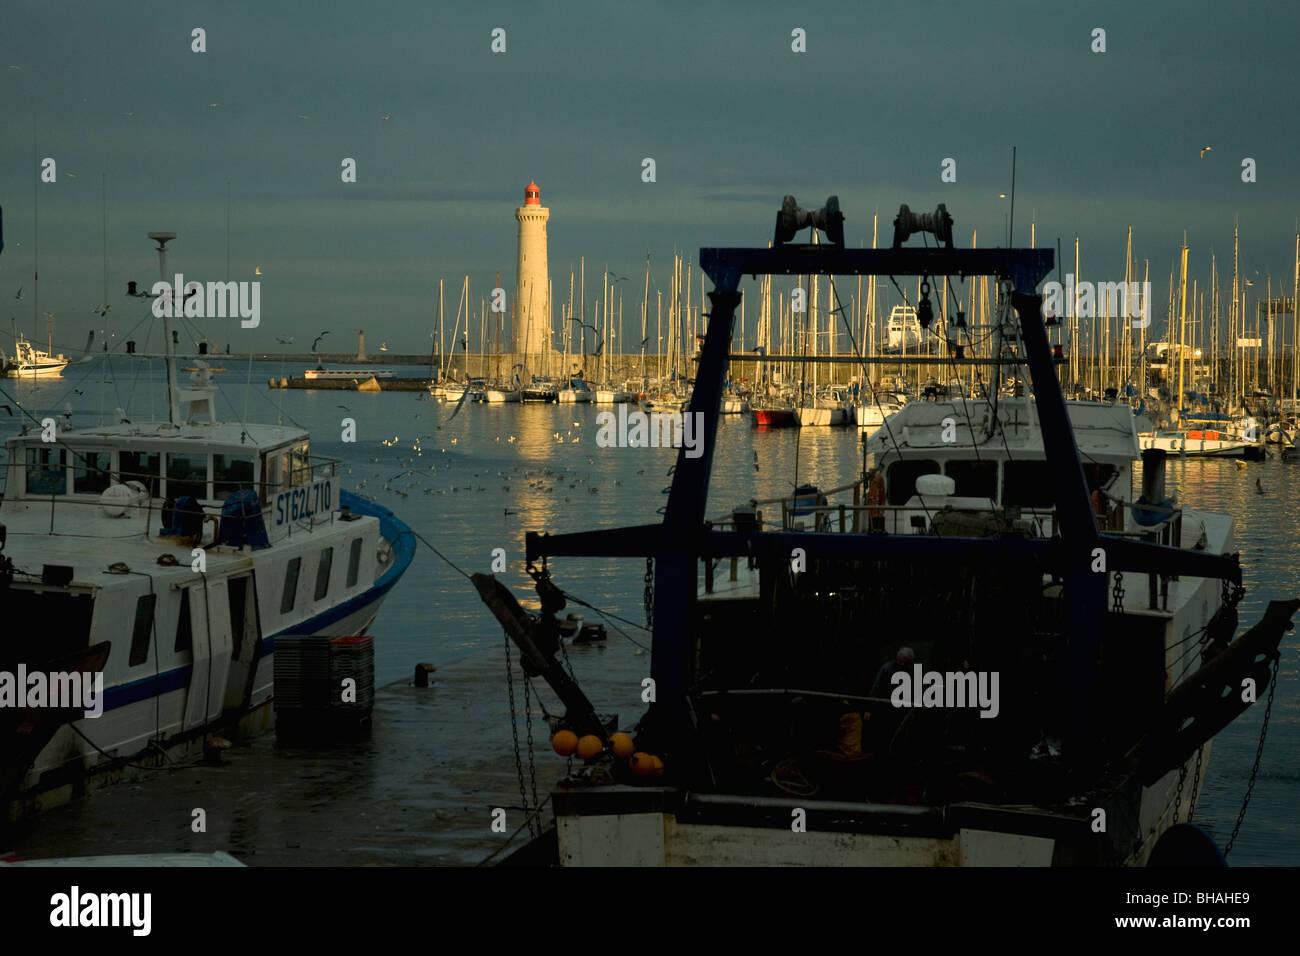 En Sète, Francia, el mayor puerto pesquero del Mediterráneo, los arrastreros están amarrados tranquilamente como el sol vespertino ilumina el faro Foto de stock